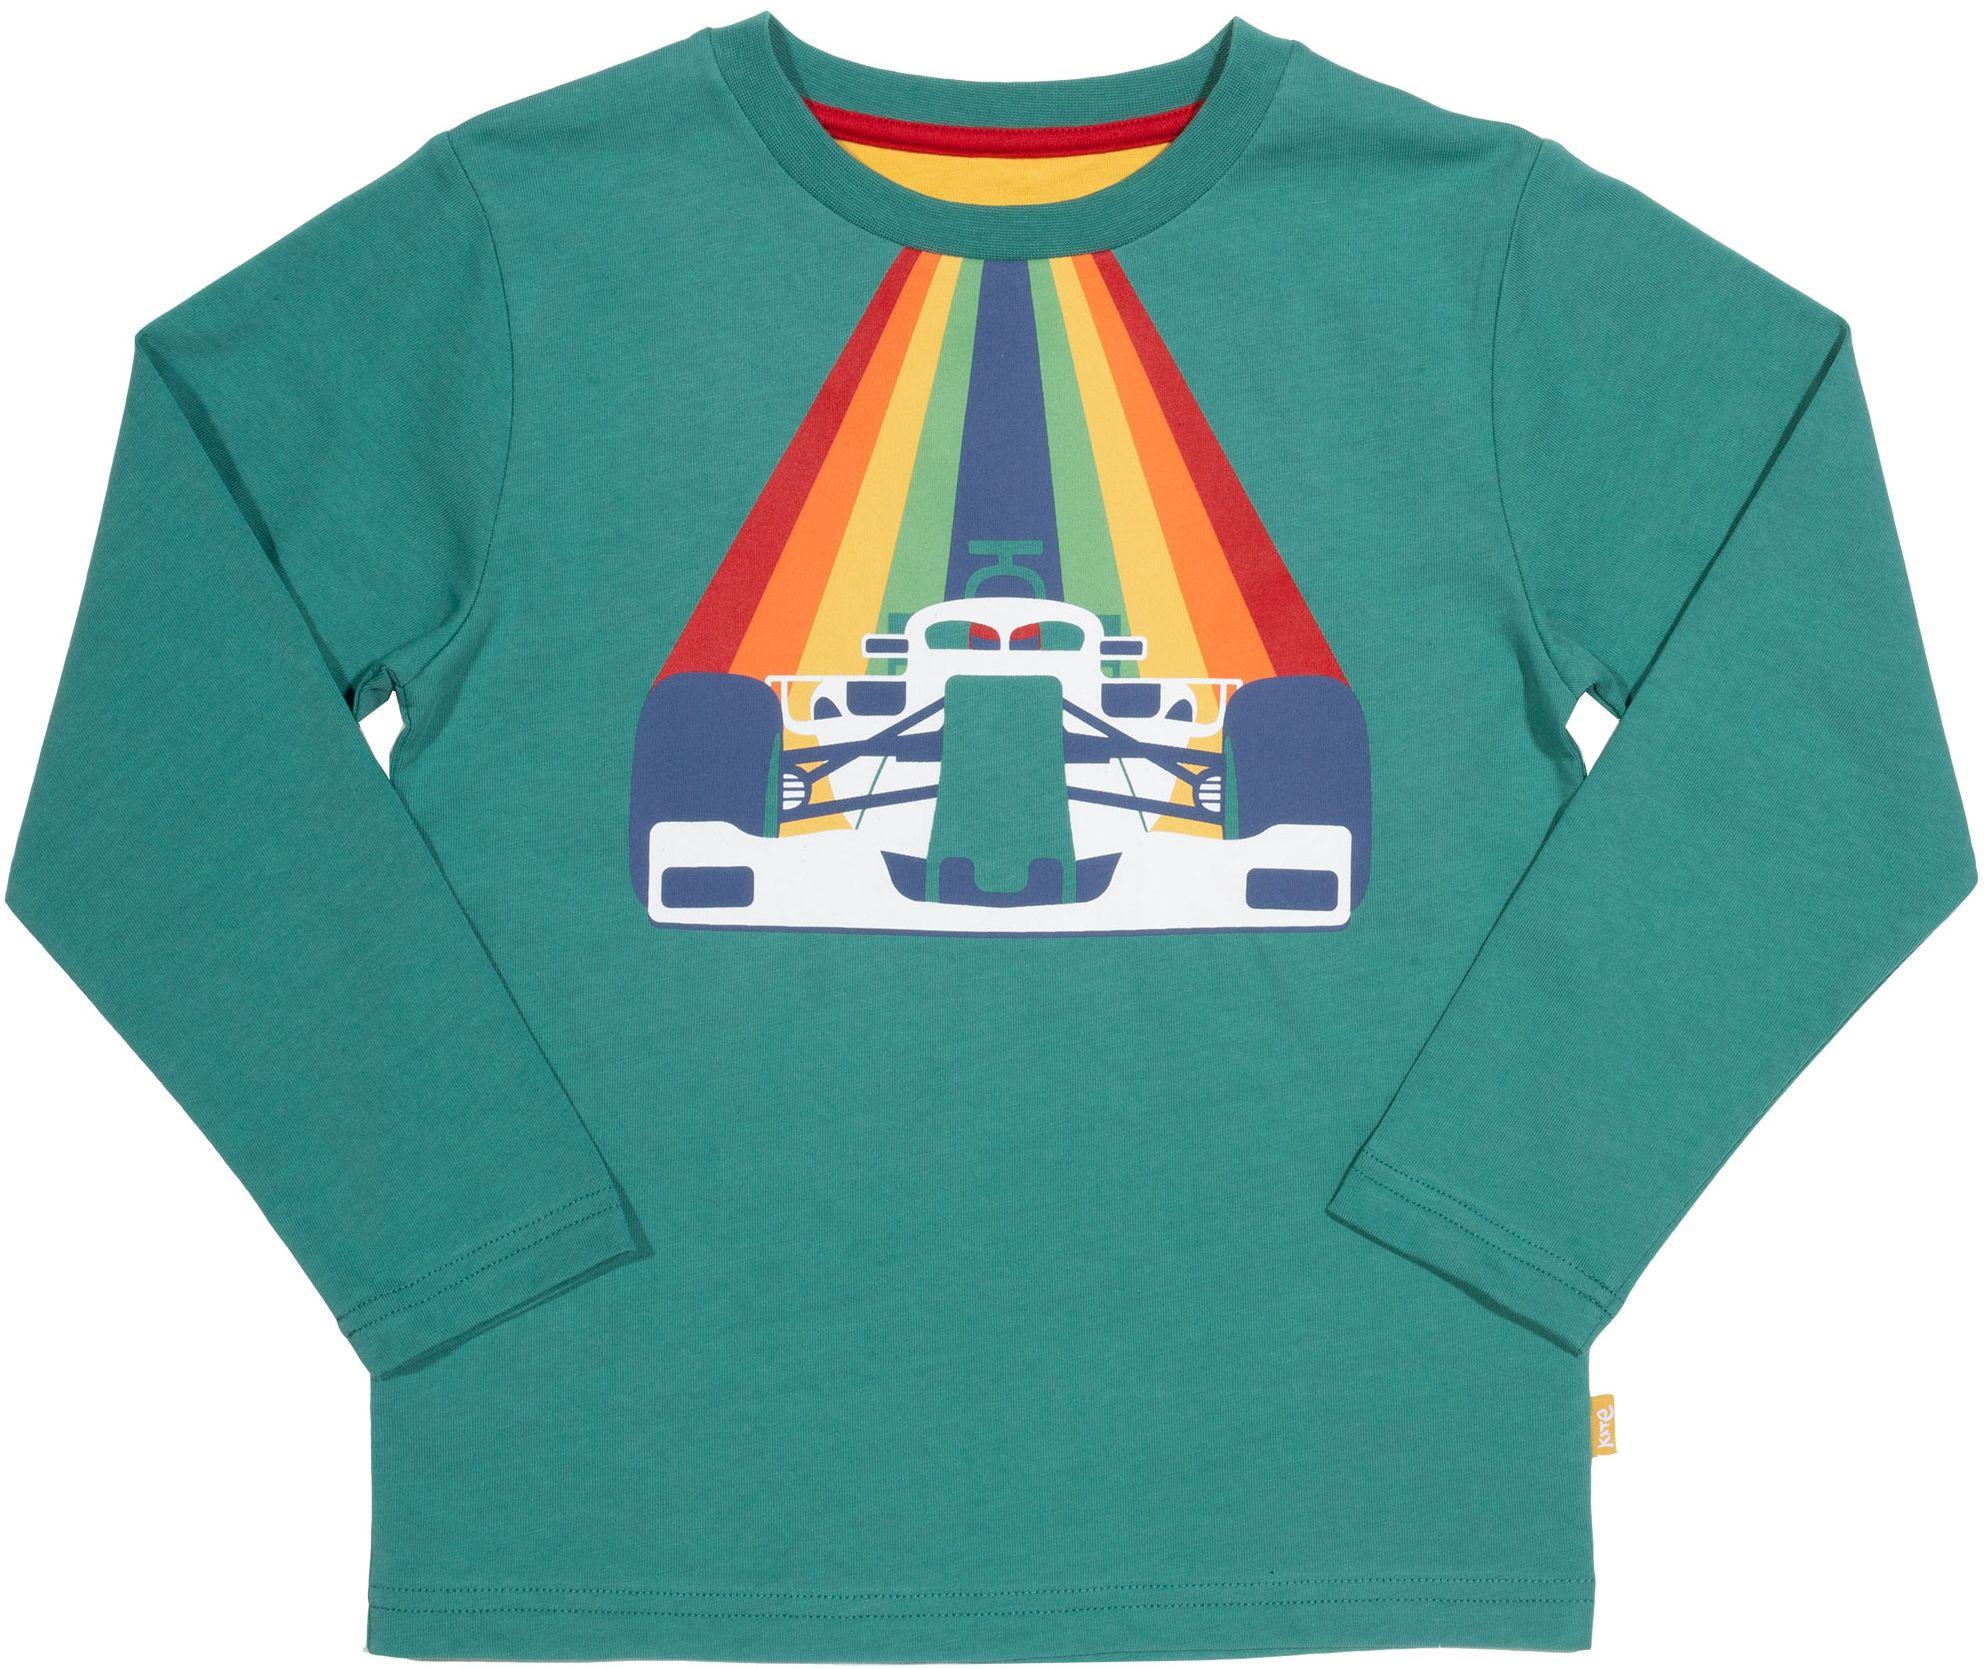 Kinder-Longsleeve mit Rennwagen-Motiv